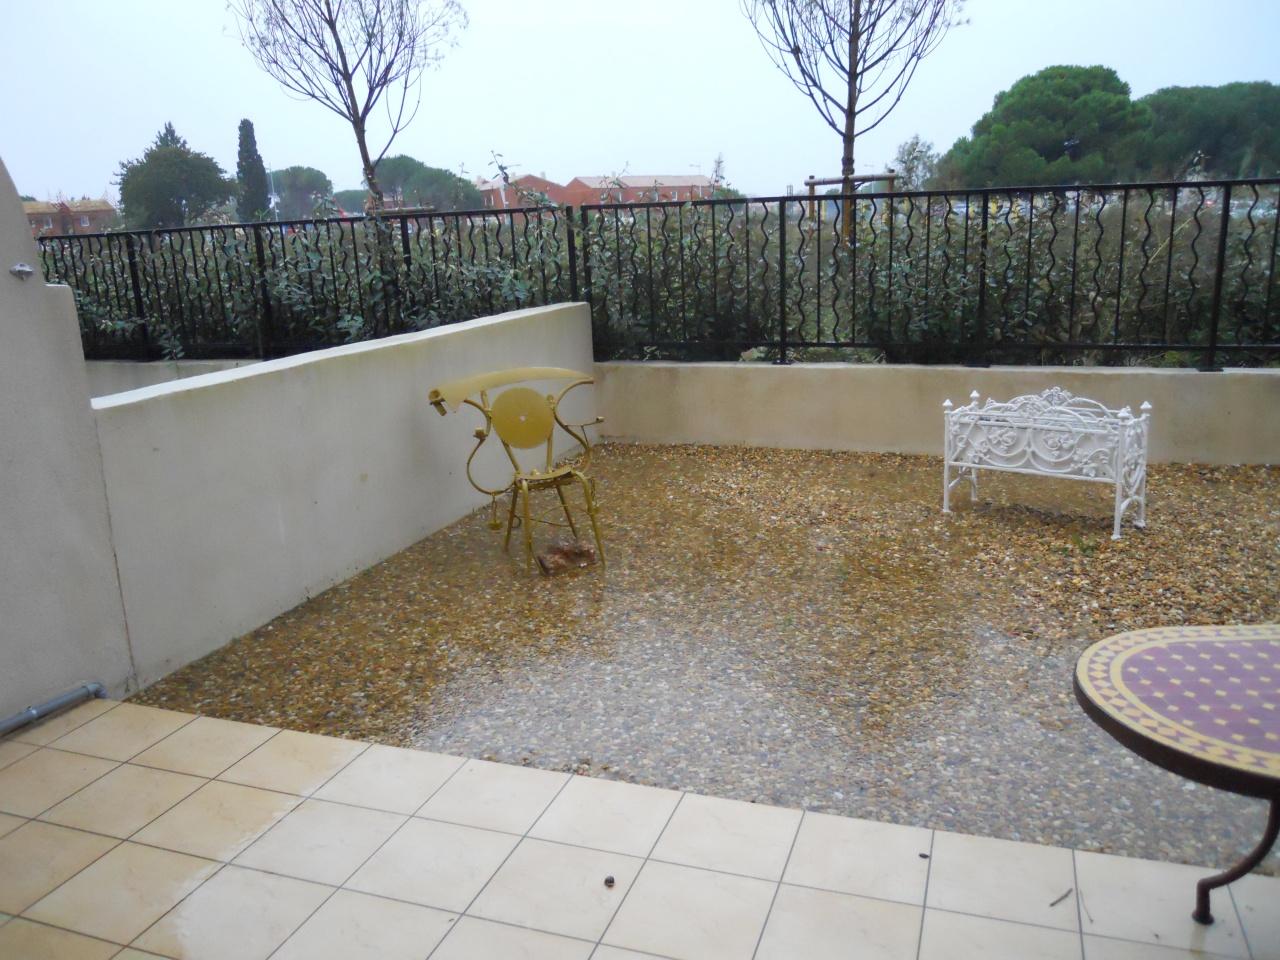 Un jardin inondé coté canal - 5 novembre